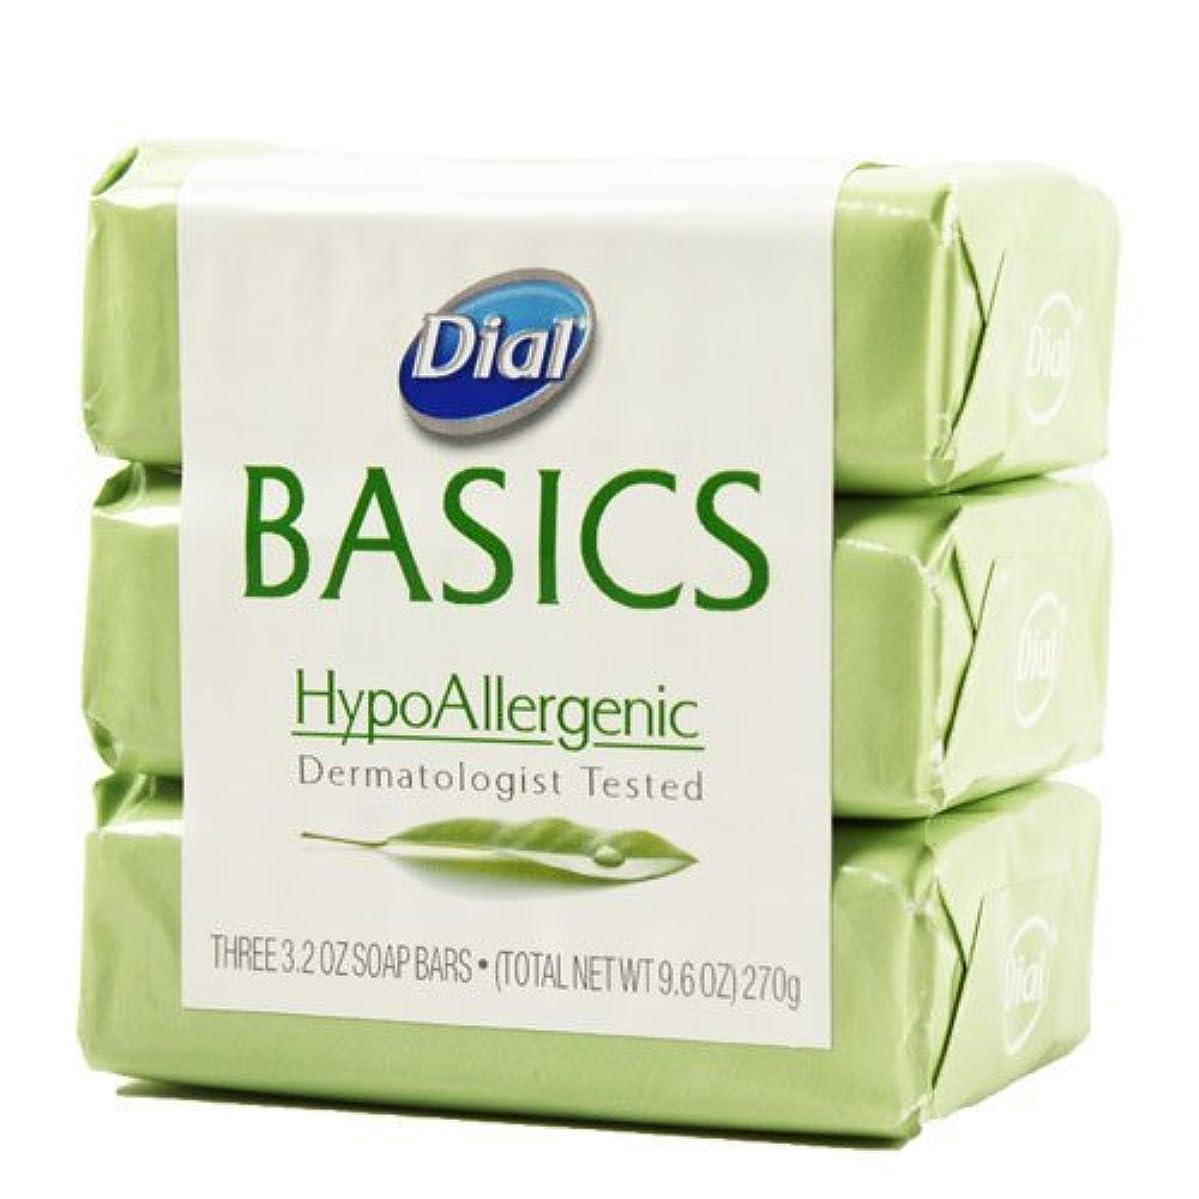 コスチューム夫結婚Dial Basics HypoAllergenic Dermatologist Tested Bar Soap, 3.2 oz (18 Bars) by Basics